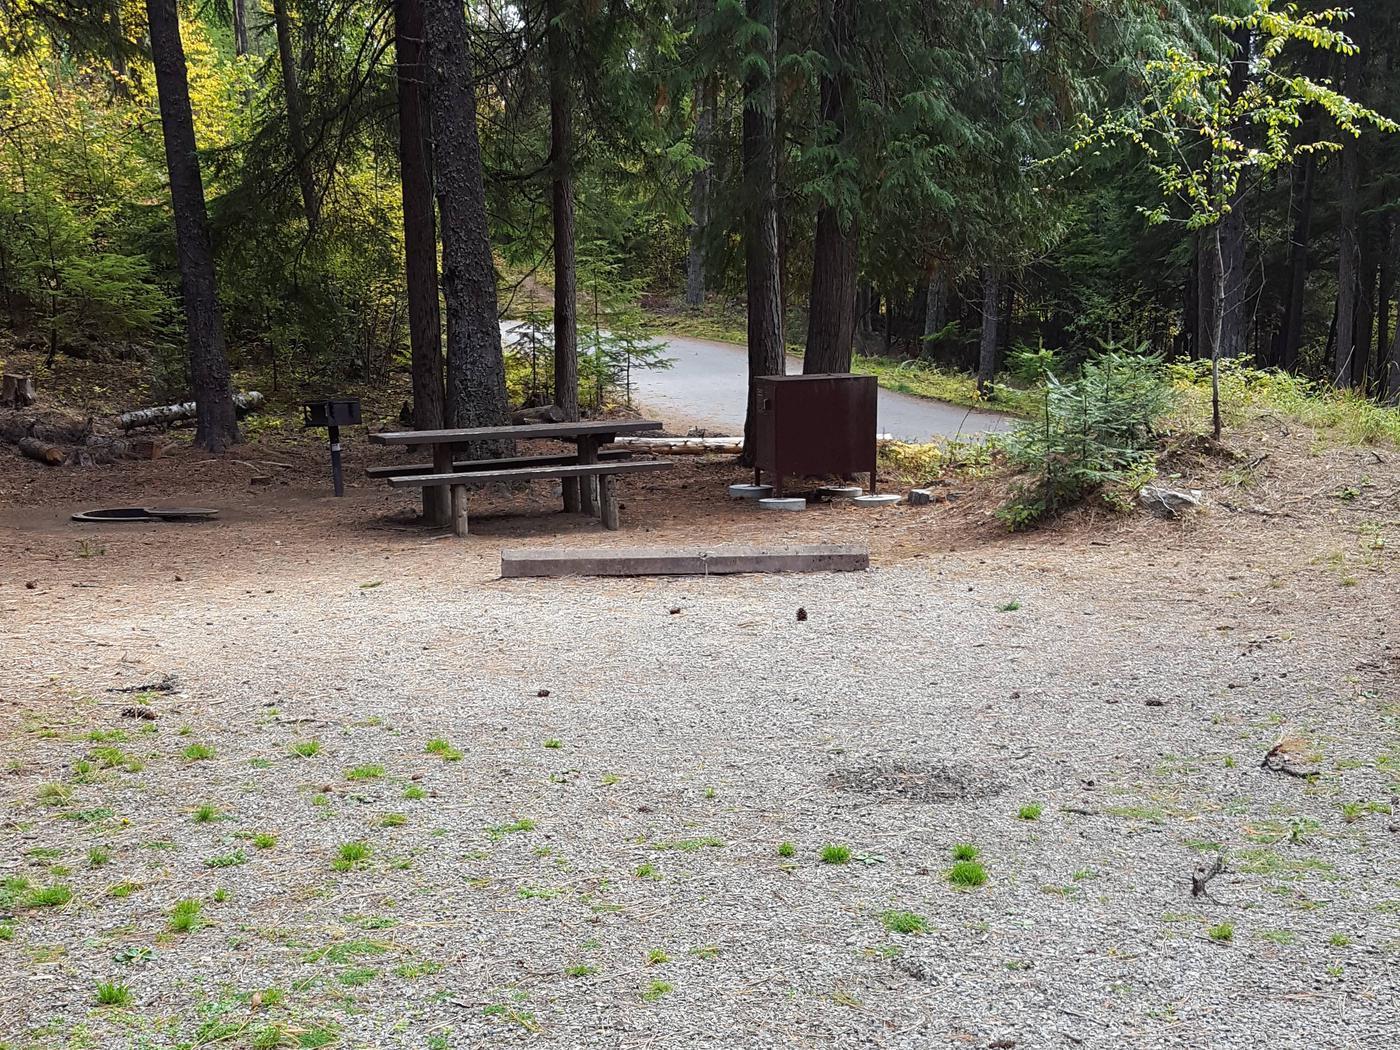 Reeder Bay Campground Site 1